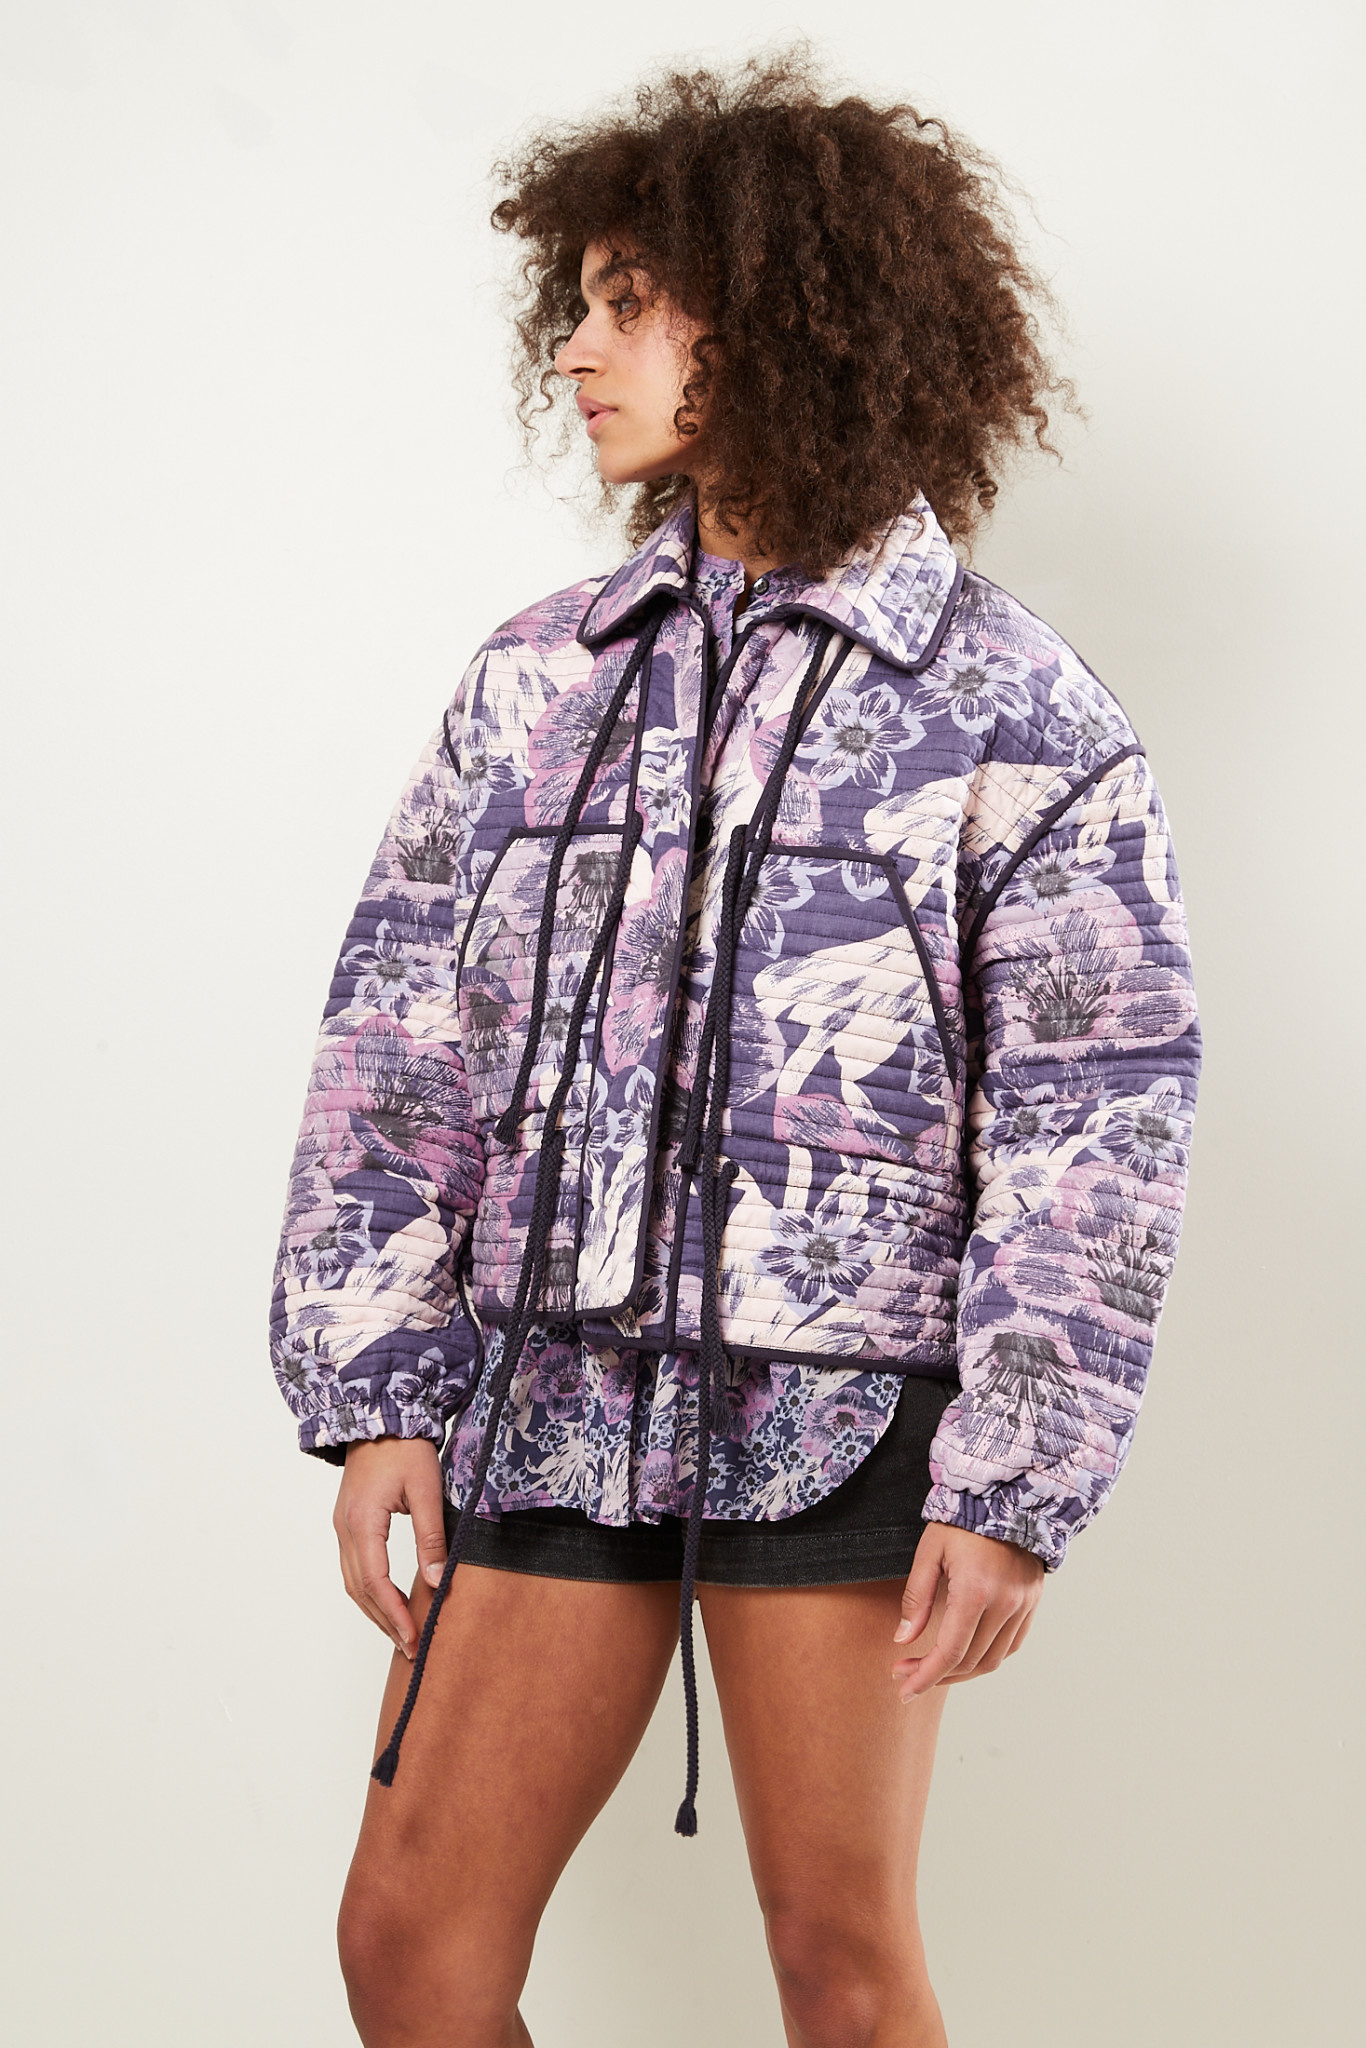 Etoile Isabel Marant - Haines printed jacket